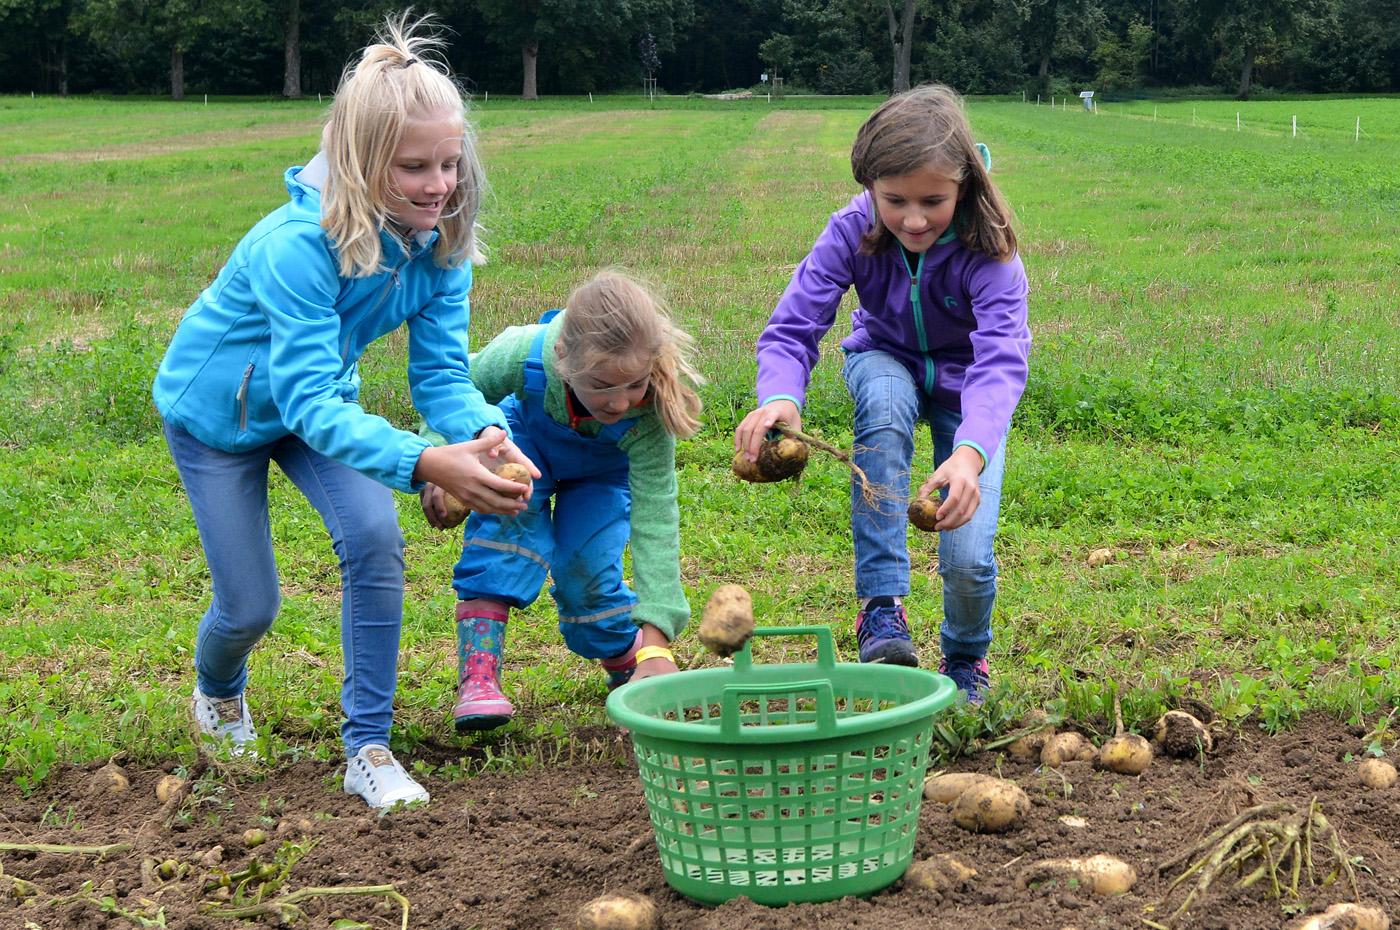 bilder-0709-36kartoffelfest-niethammer